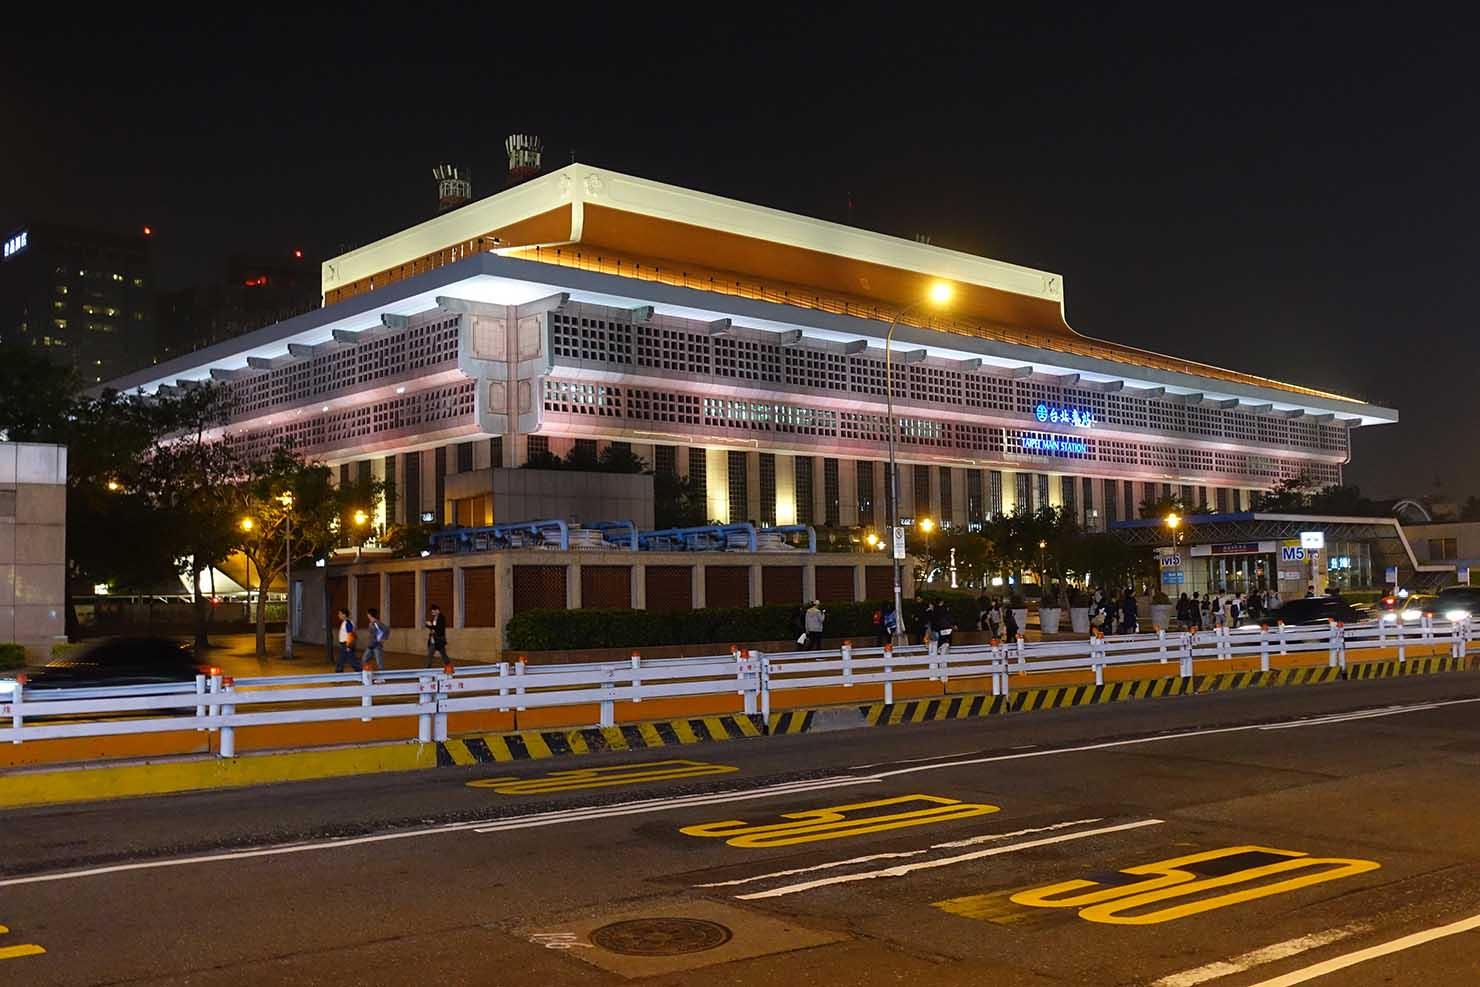 ライトアップされた台湾・台北駅の外観